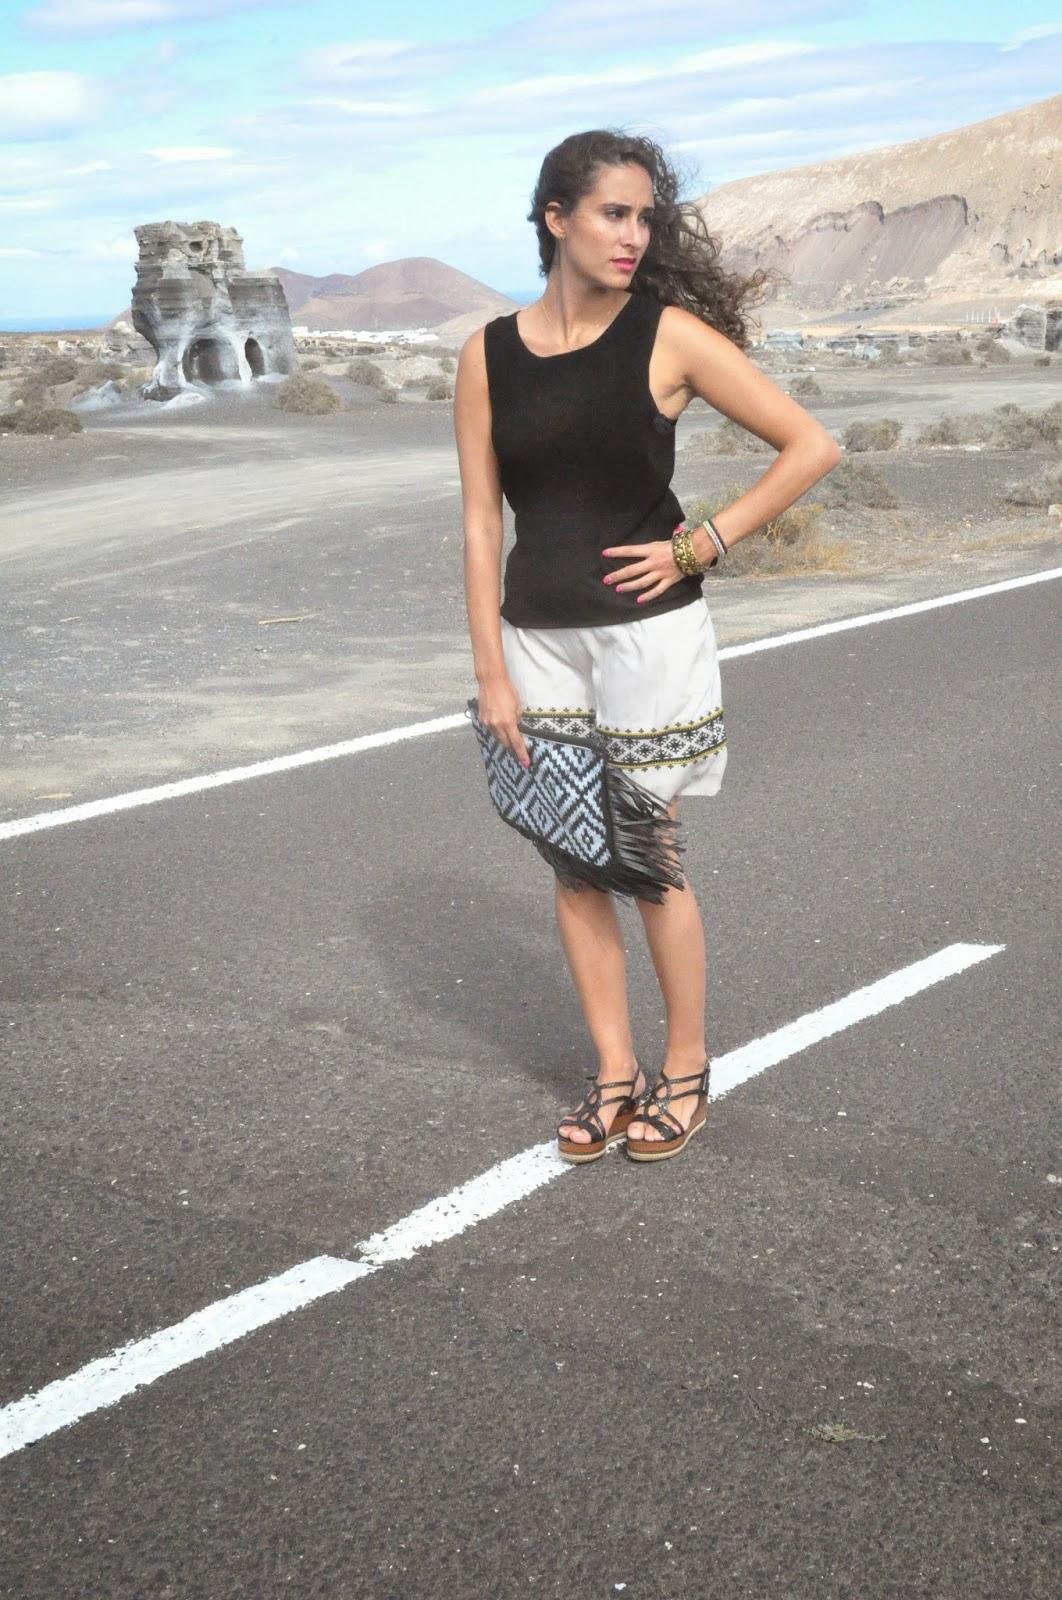 estoy situada en medio de la carretera al lado de la rofera en Teseguite (Lanzarote), con una falda color crema, camiseta negra y cuñas negras abiertas